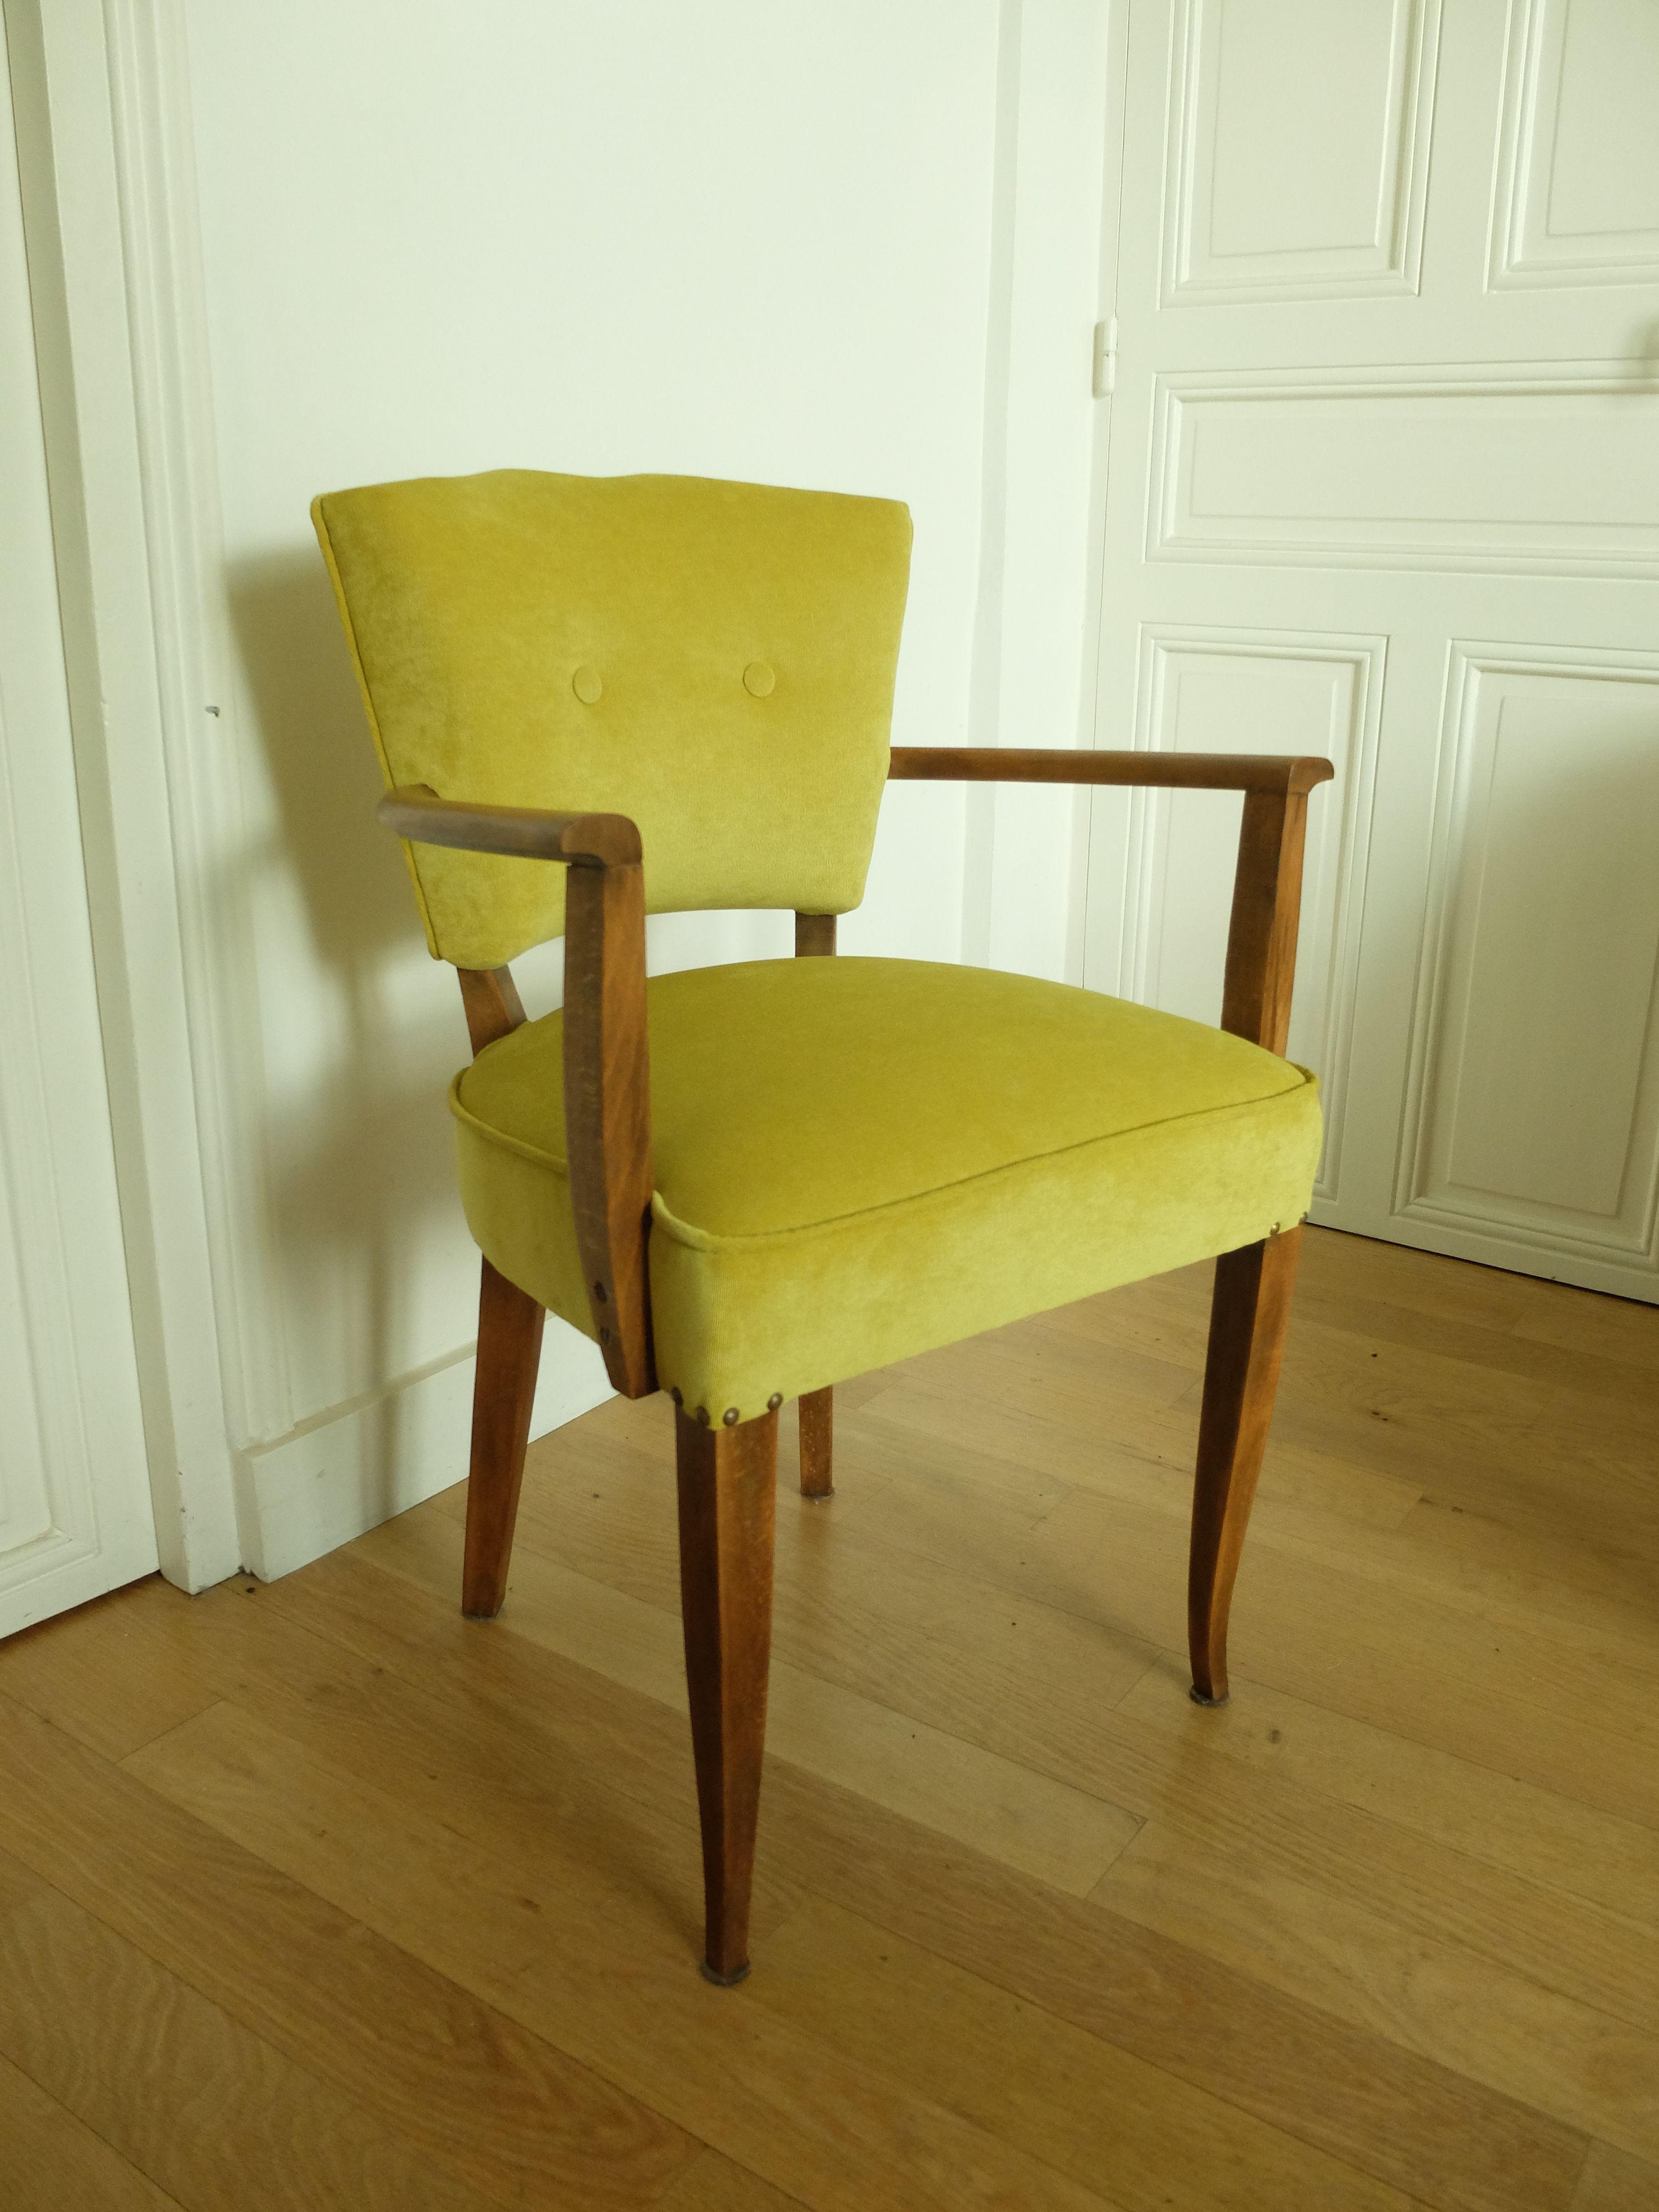 fauteuil bridge ann es 40 enti rement r nov m thode traditionnelle tissu velours milleraies. Black Bedroom Furniture Sets. Home Design Ideas